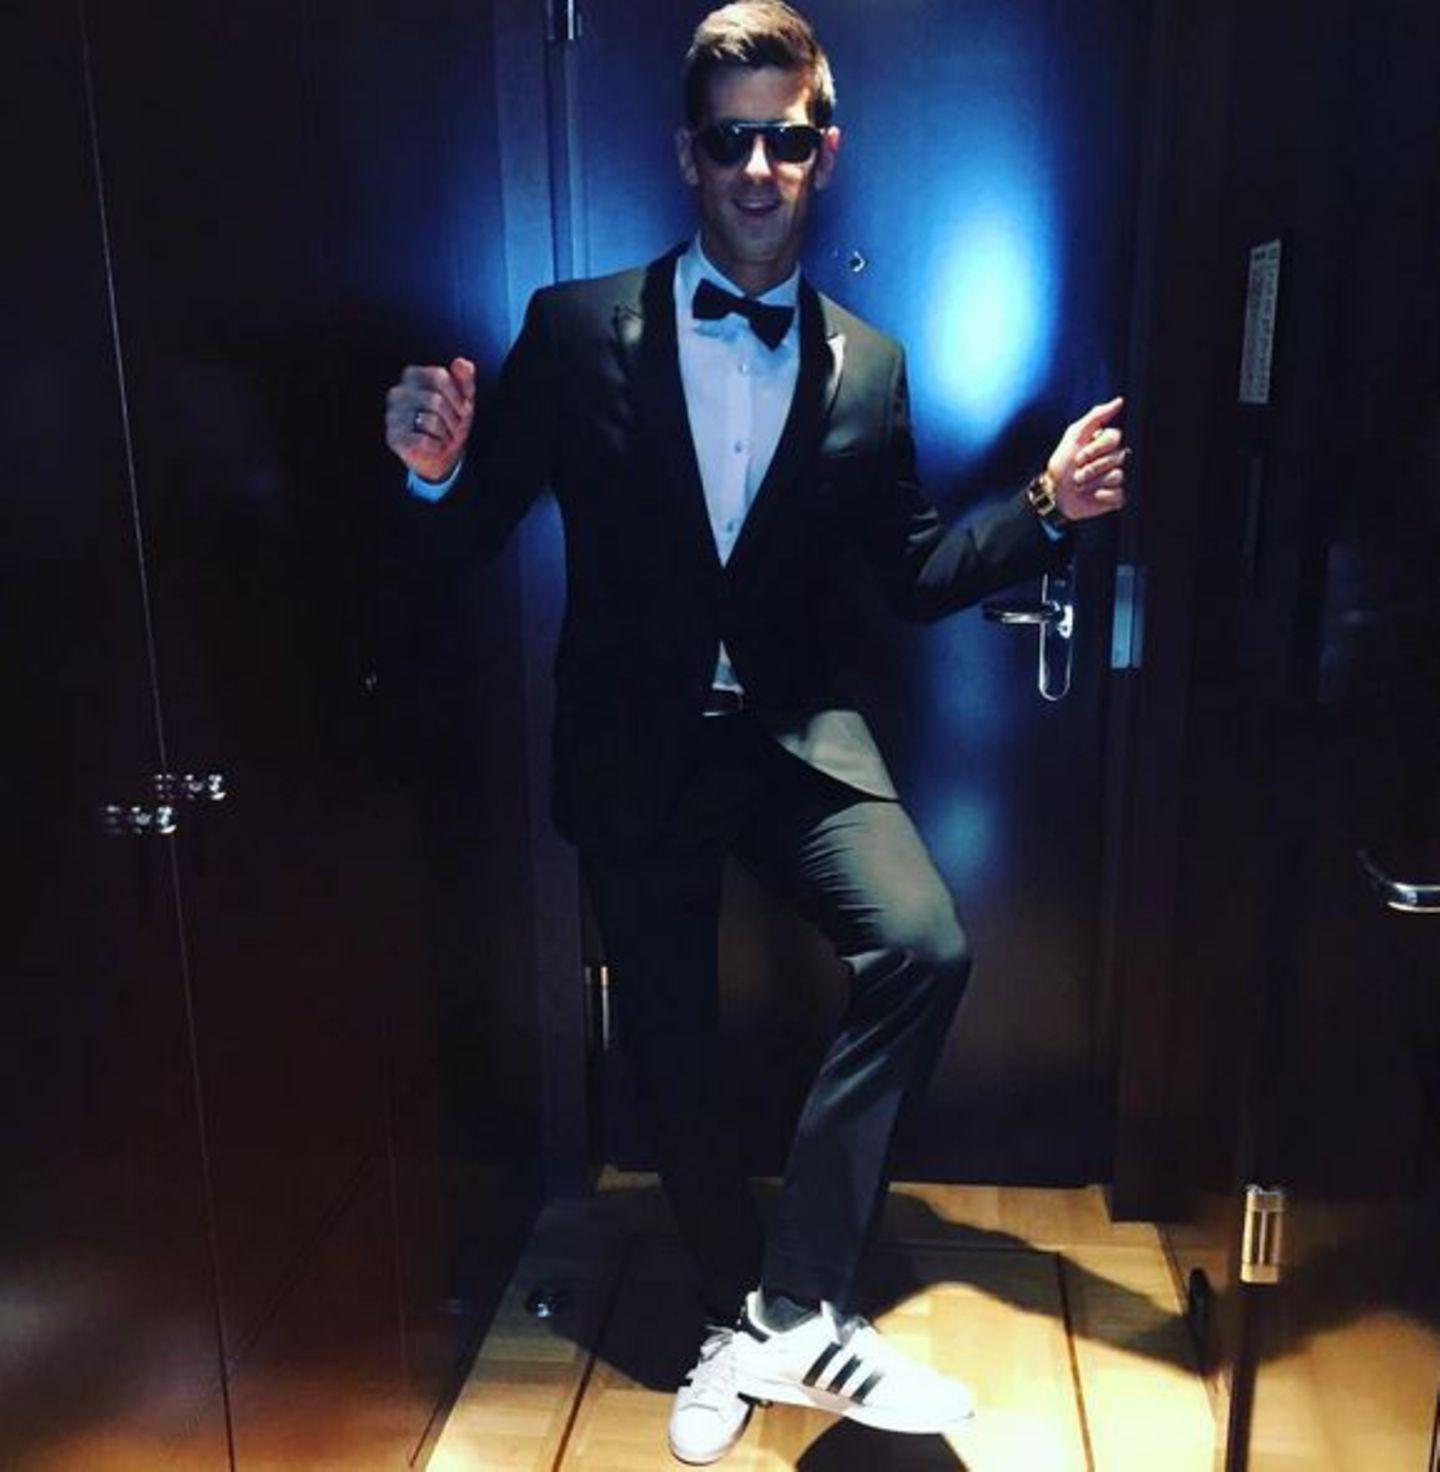 """Novak Djokovic zeigt seinen """"happy dance"""". Der Tennisprofi freut sich seine Freunde und Mitathleten zu treffen. Natürlich freut er sich auch über seine Nominierung als """"Sportler des Jahres""""."""